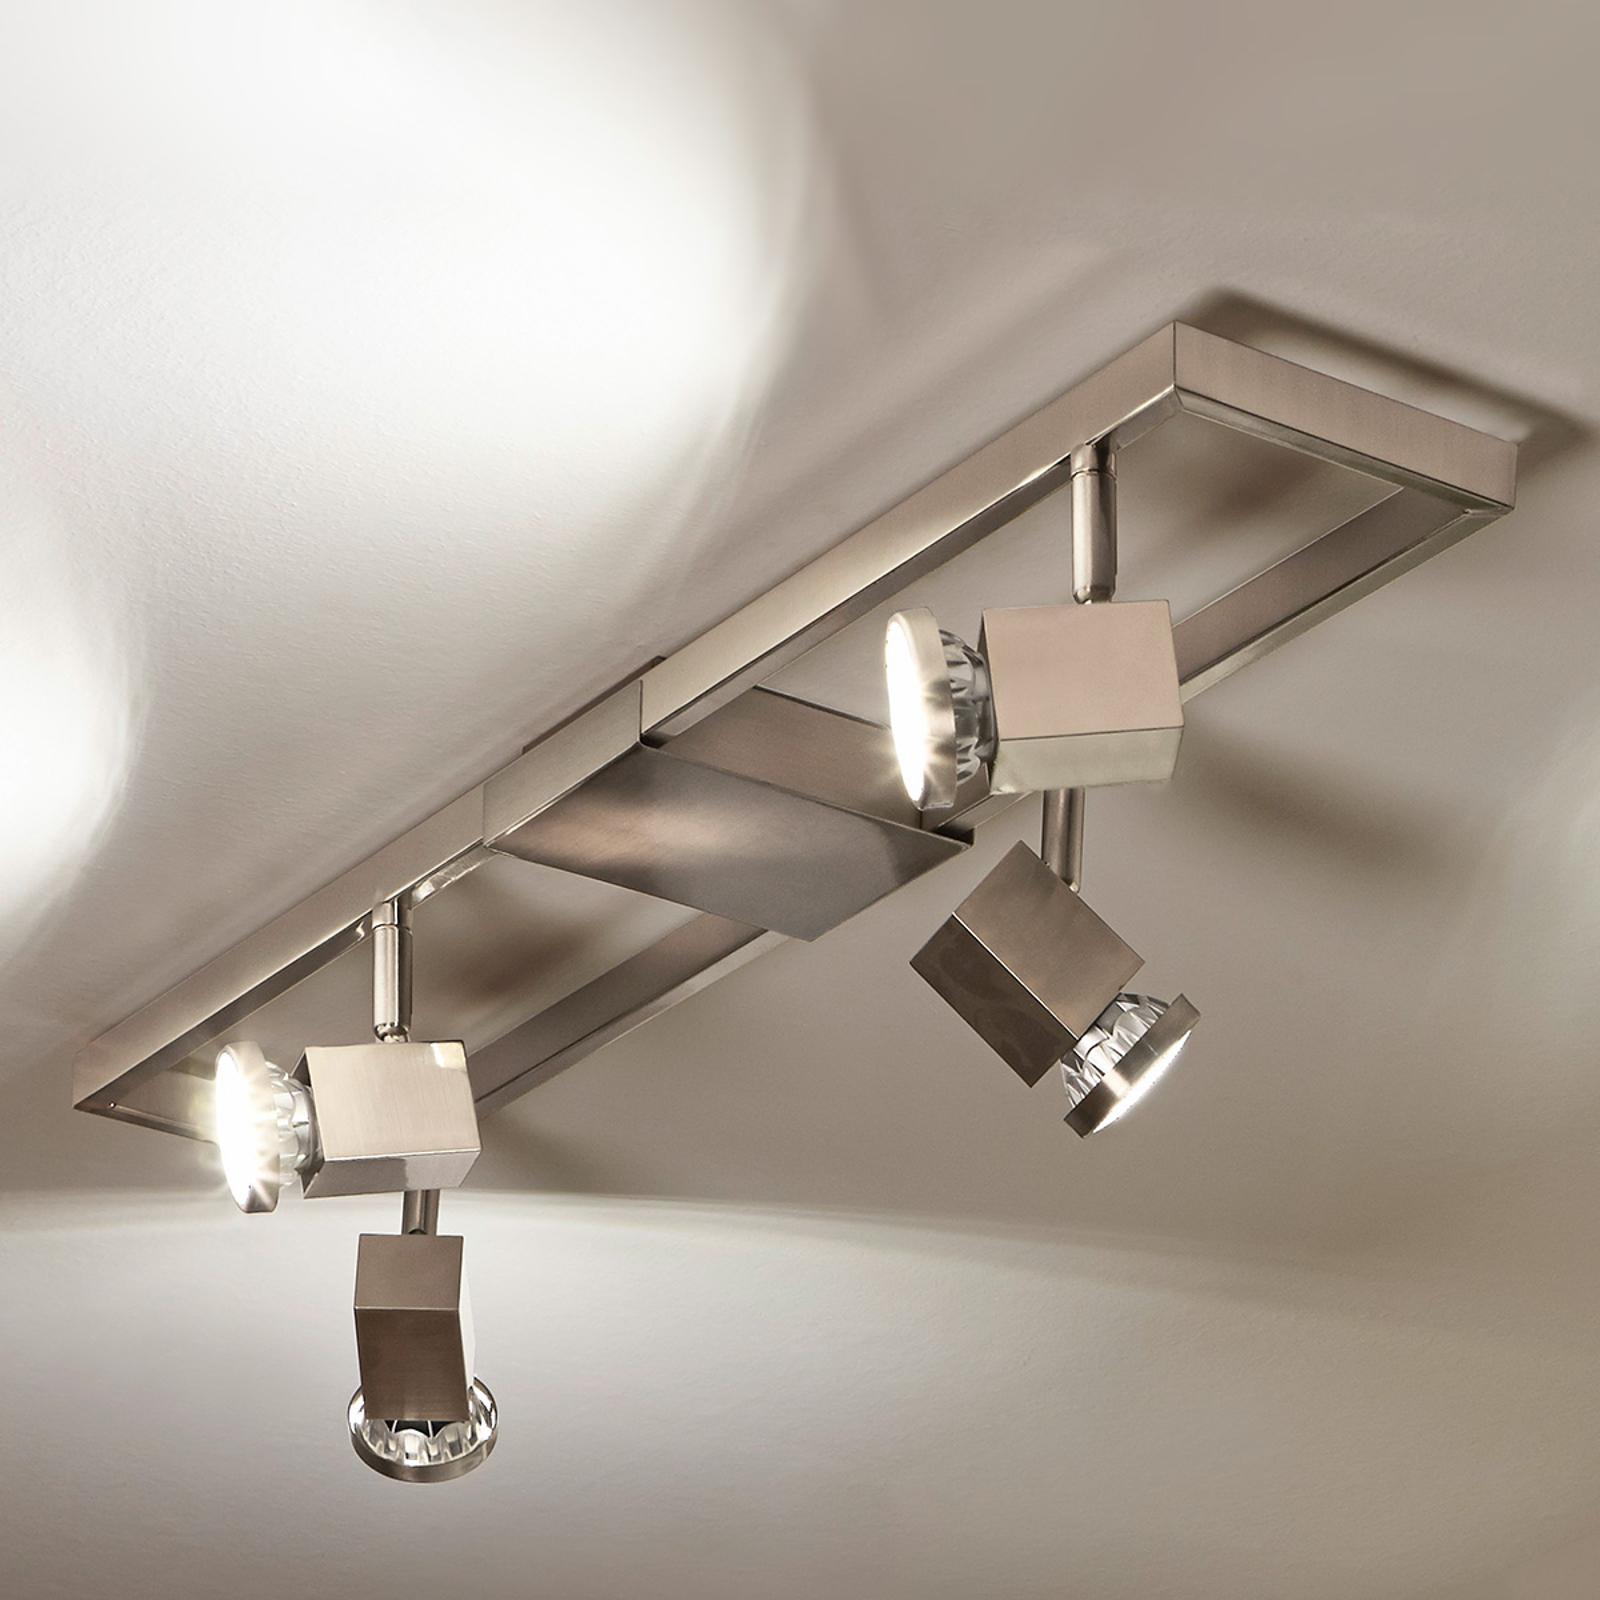 Štvor-plameňové stropné LED svietidlo Zeraco_3031766_1